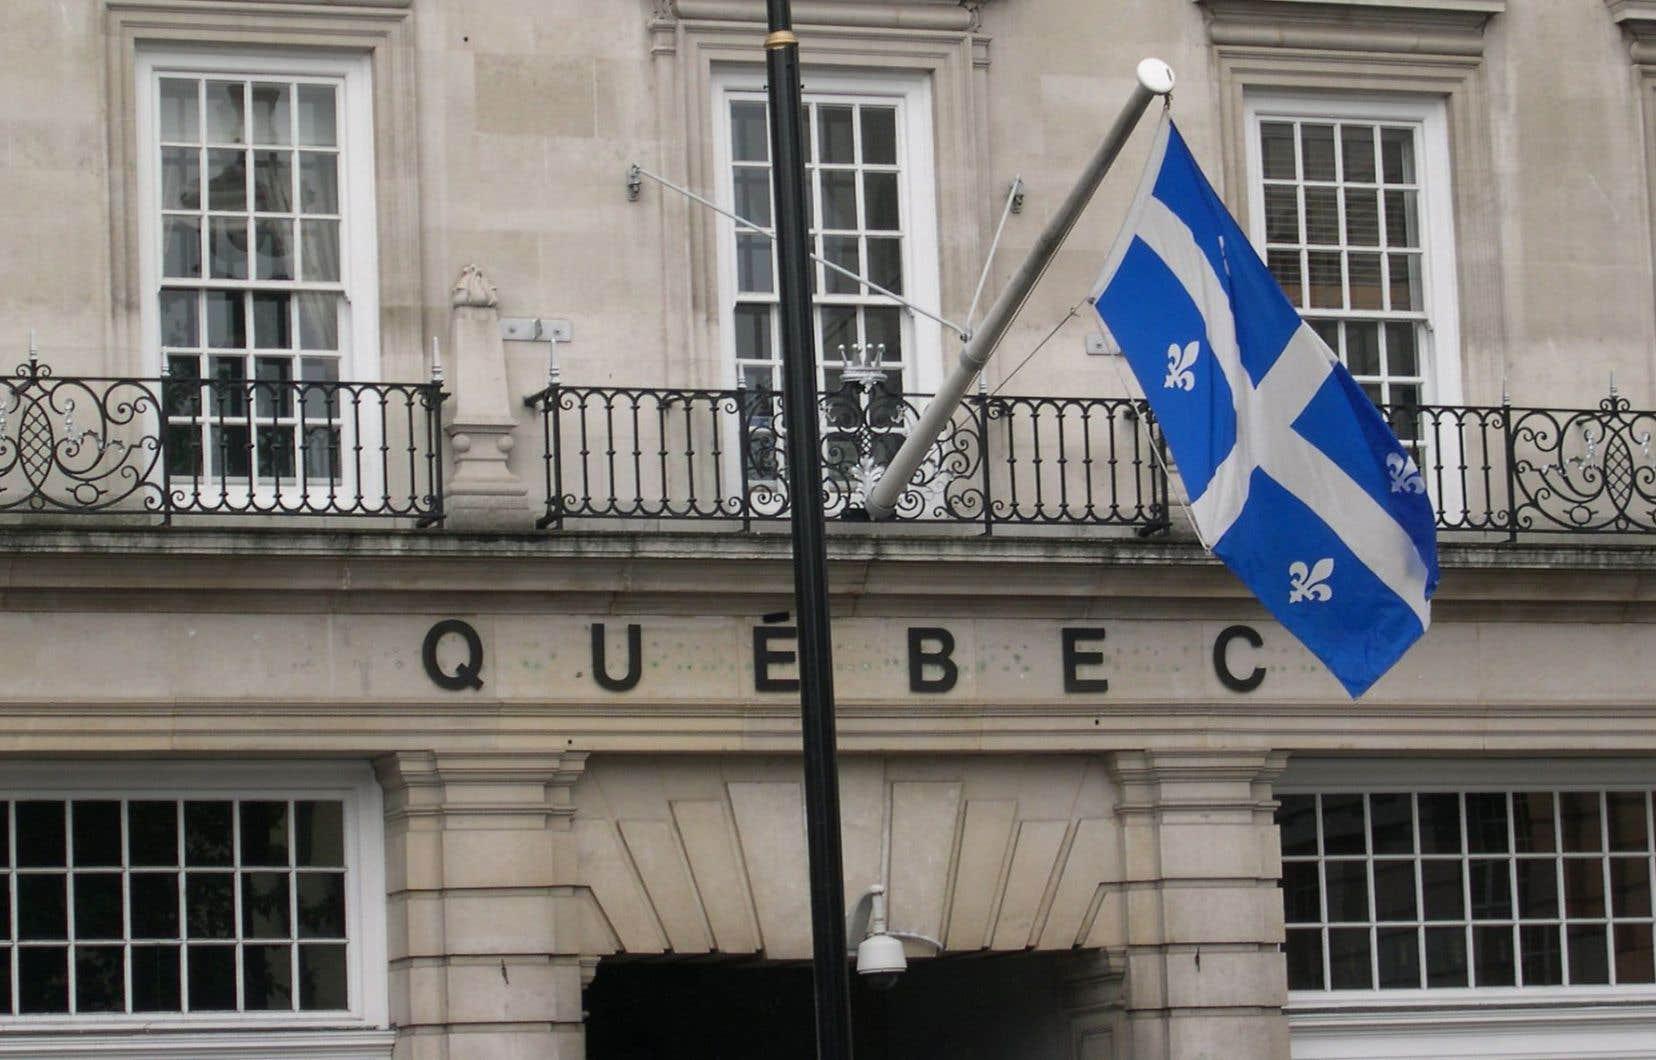 «La dernière fois que nous avons pensé (et refait) le Québec, c'était il y a soixante ans. Il serait peut-être temps de se remettre à l'ouvrage, de redémarrer le cycle des fondateurs» écrit l'auteur.